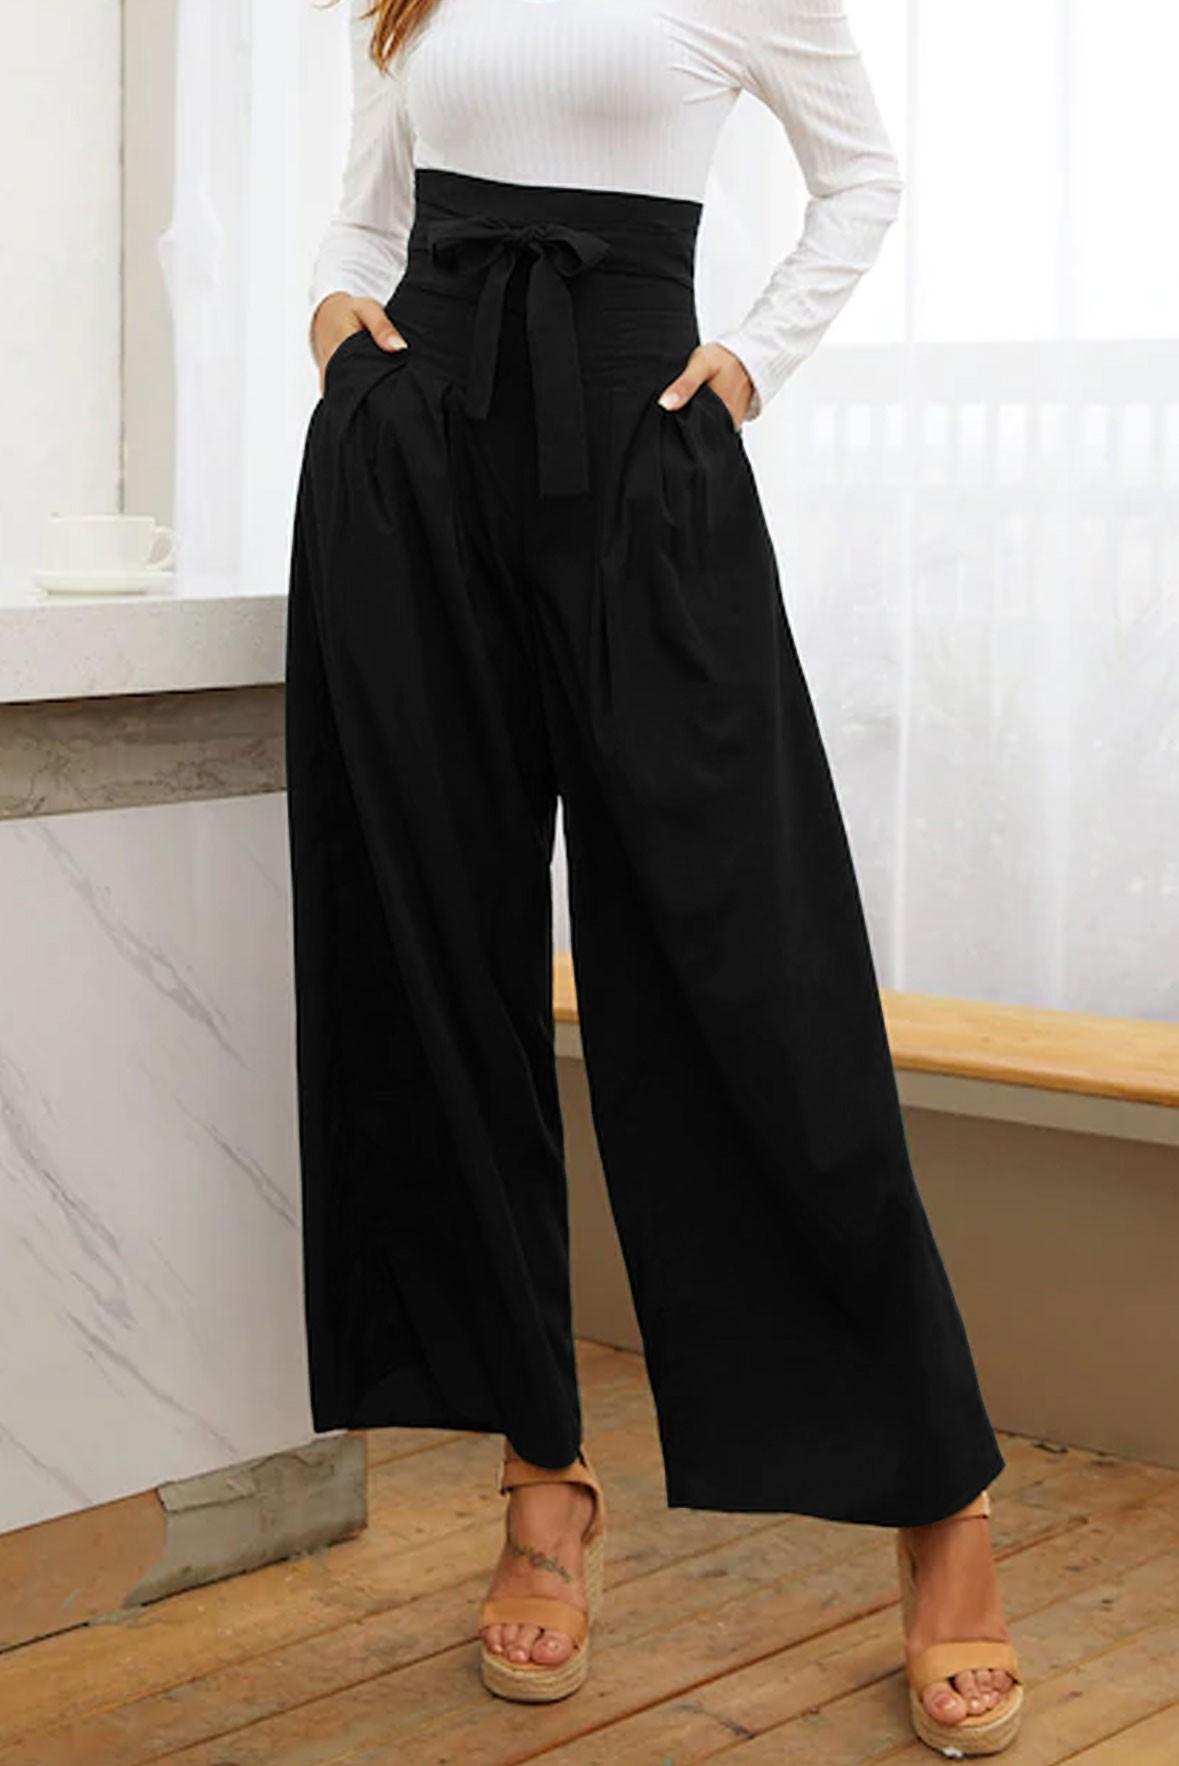 Belted High Waist Wide Leg Black Pants